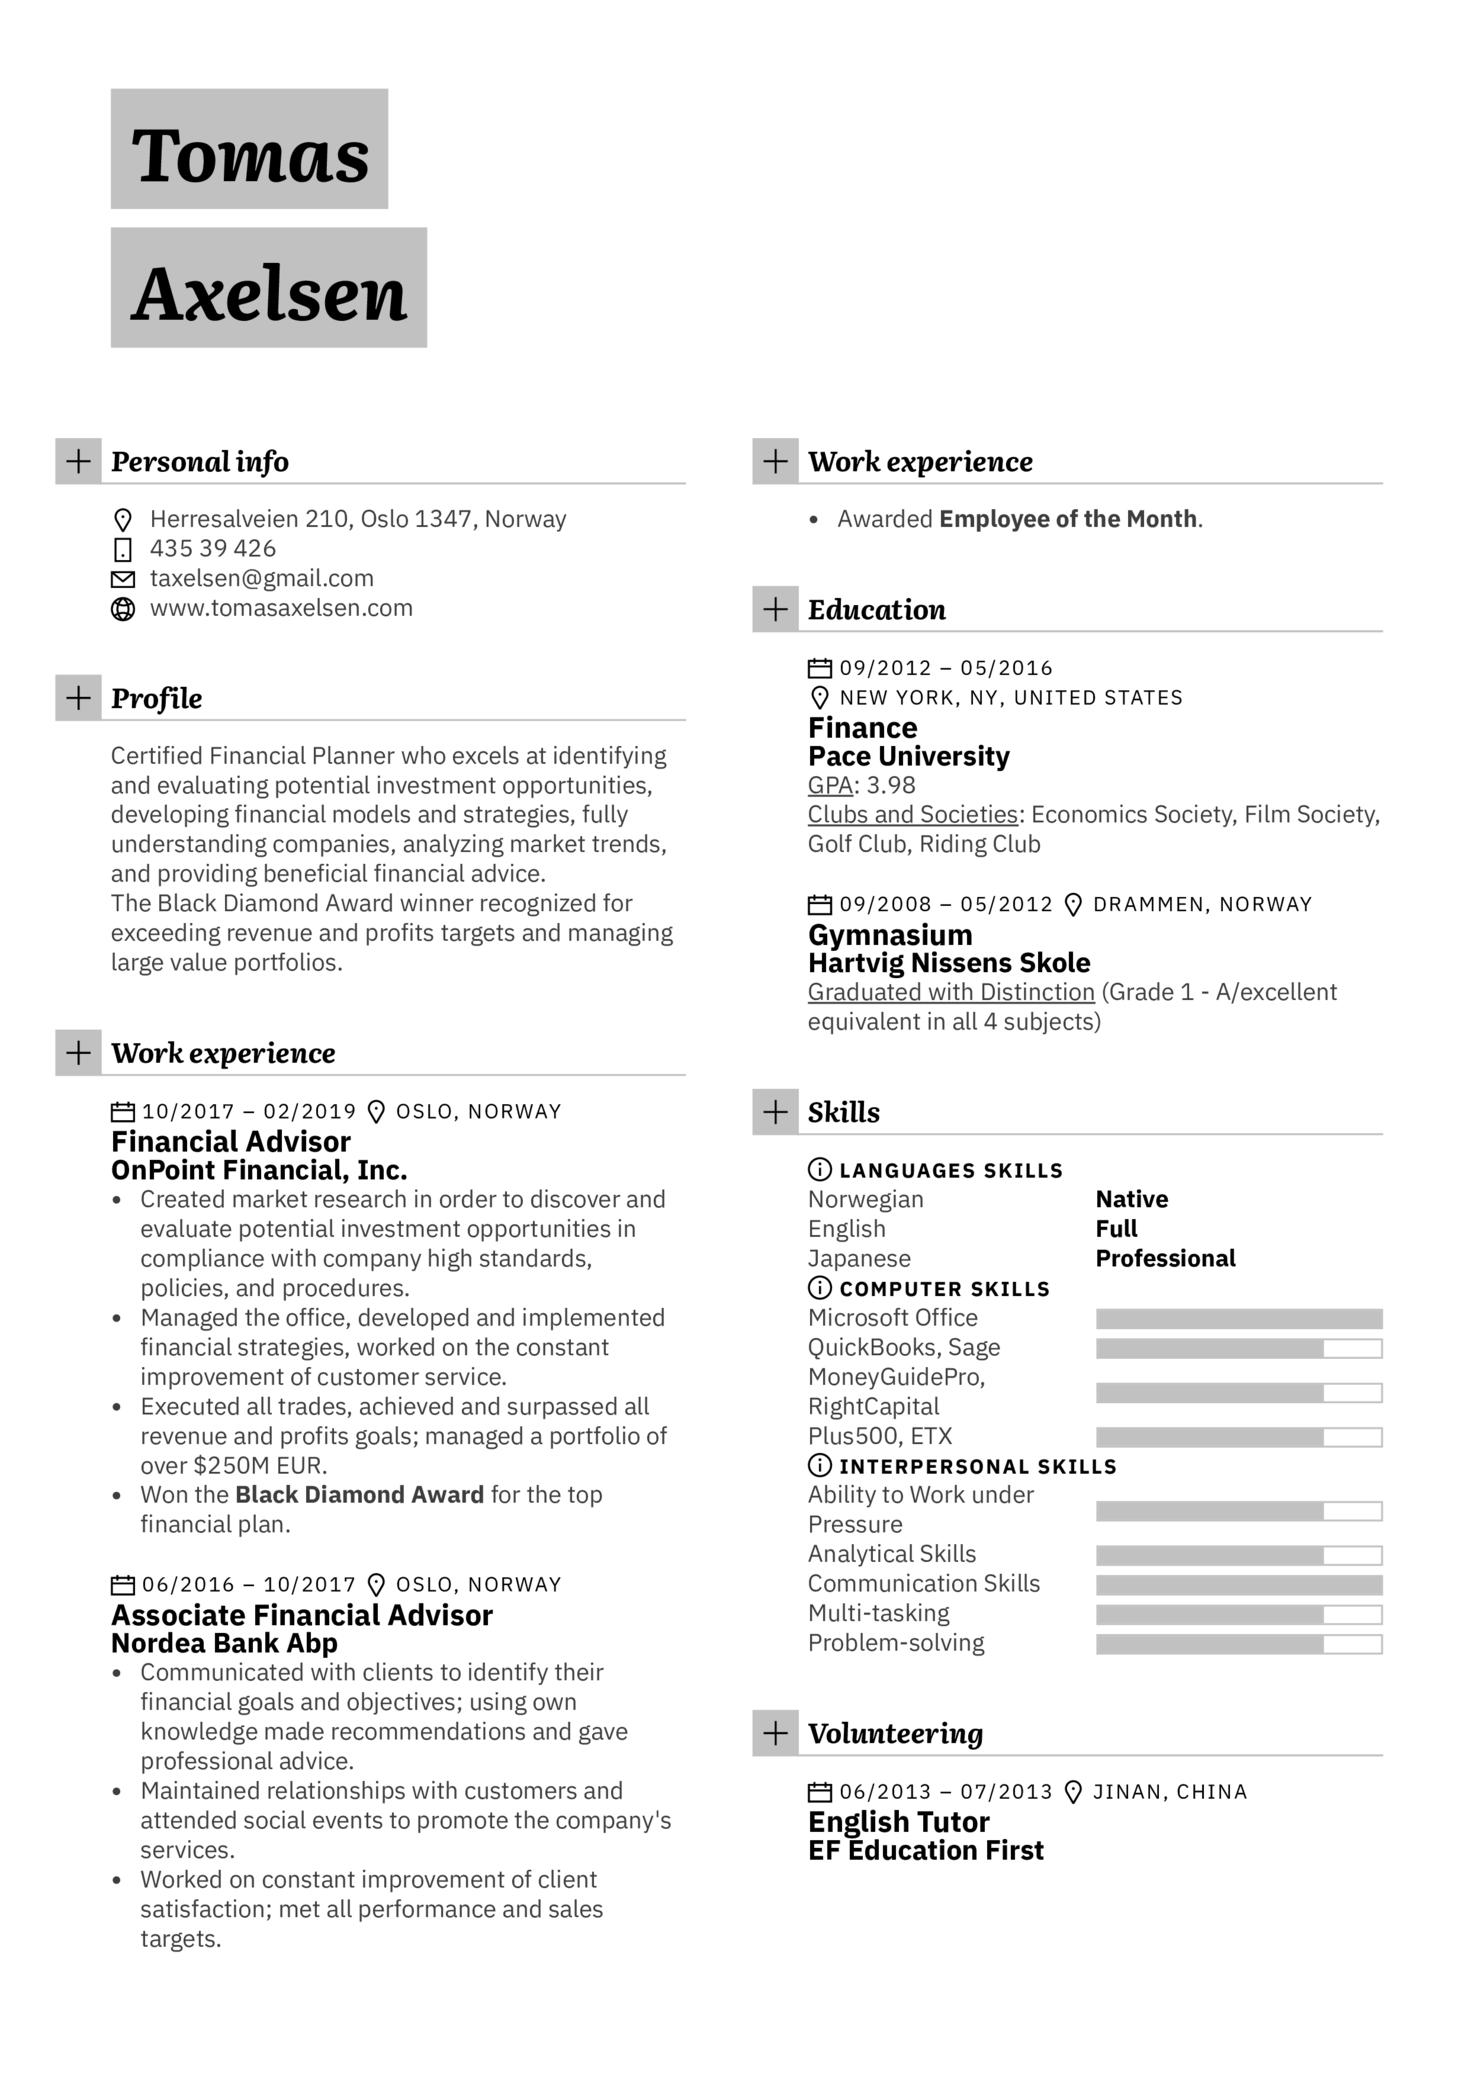 Financial Advisor Resume Template (parte 1)